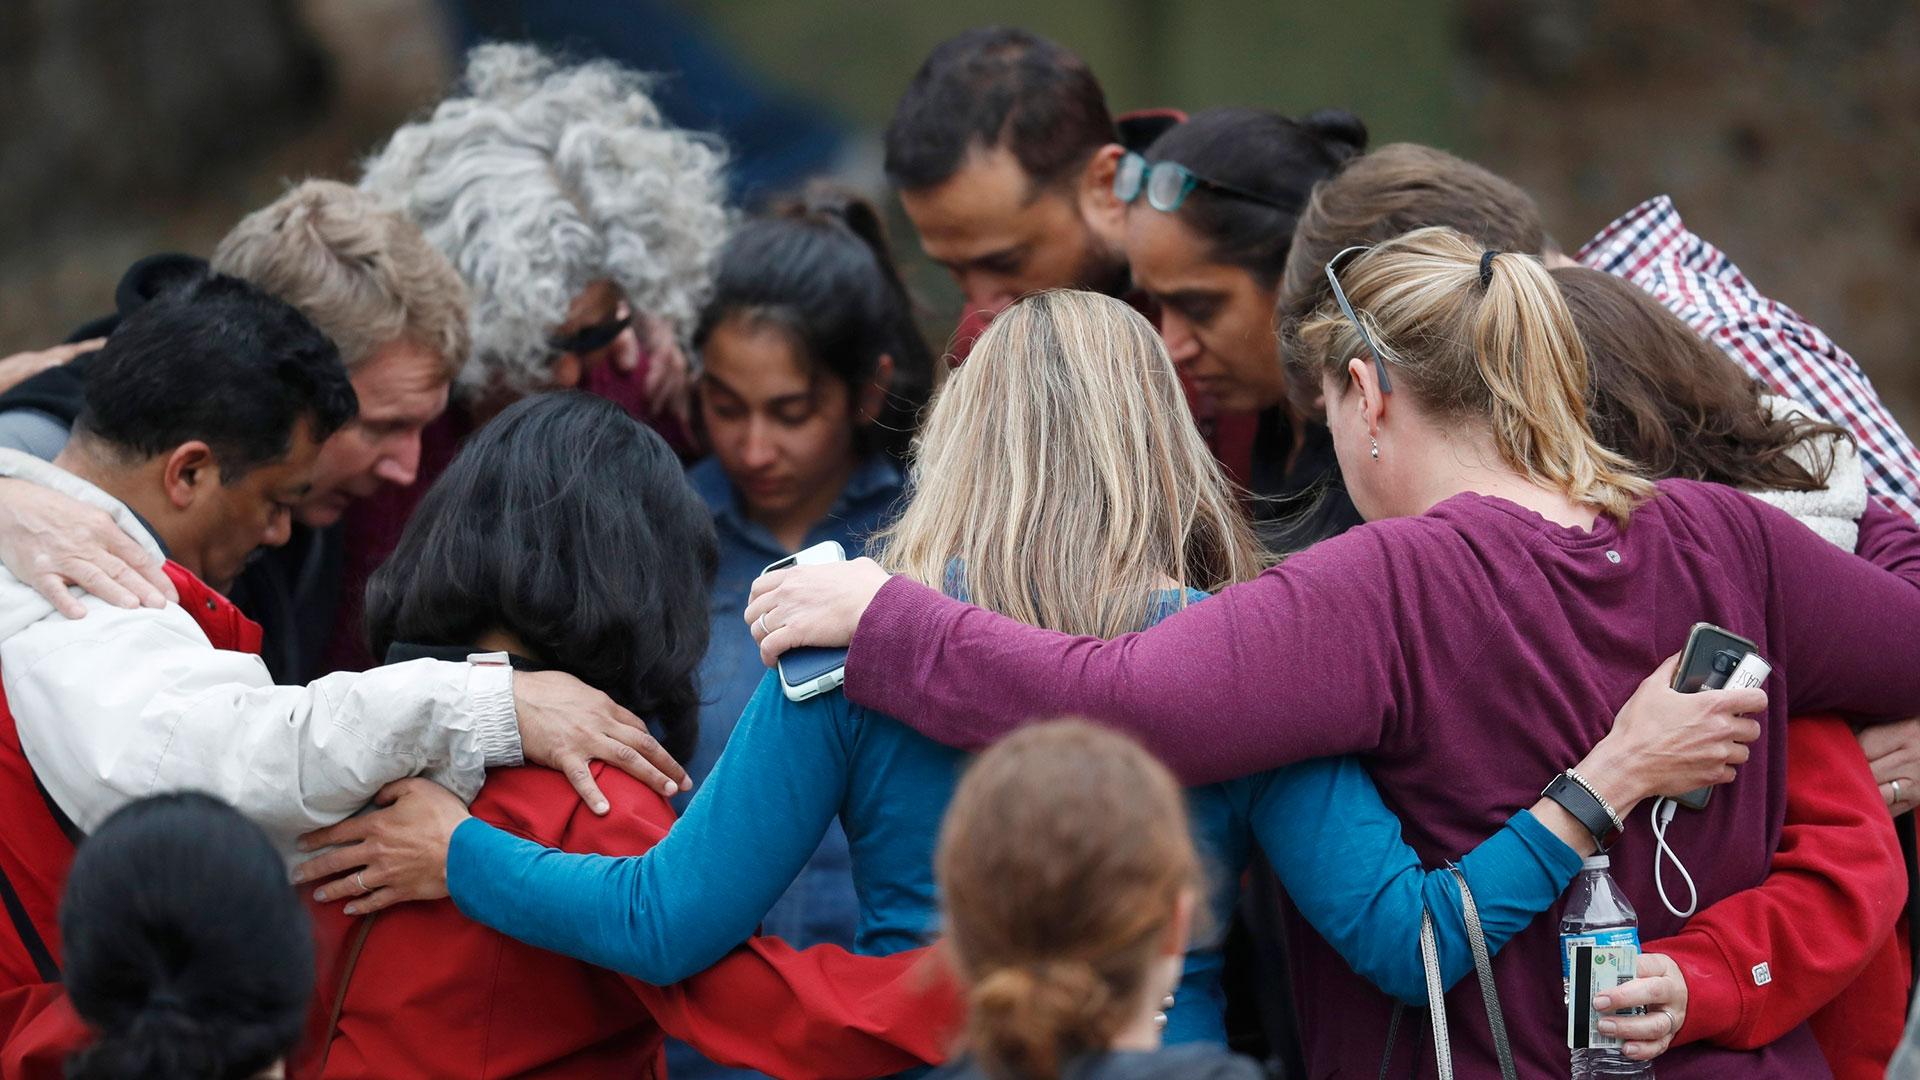 Familiares de las víctimas se abrazan en la puerta de la escuela (AP)